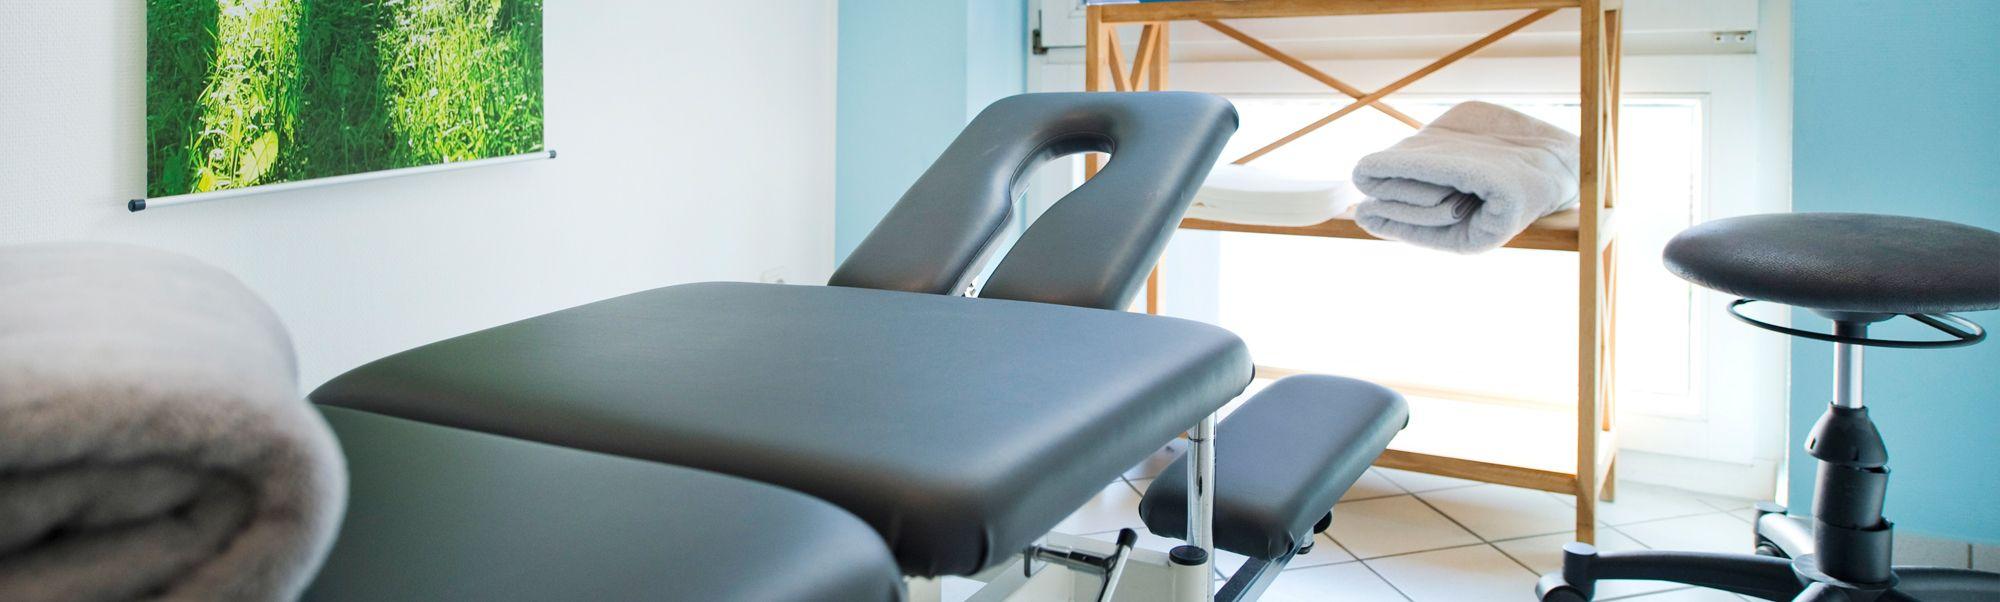 Praxis im Wiehen Park | Behandlungsraum